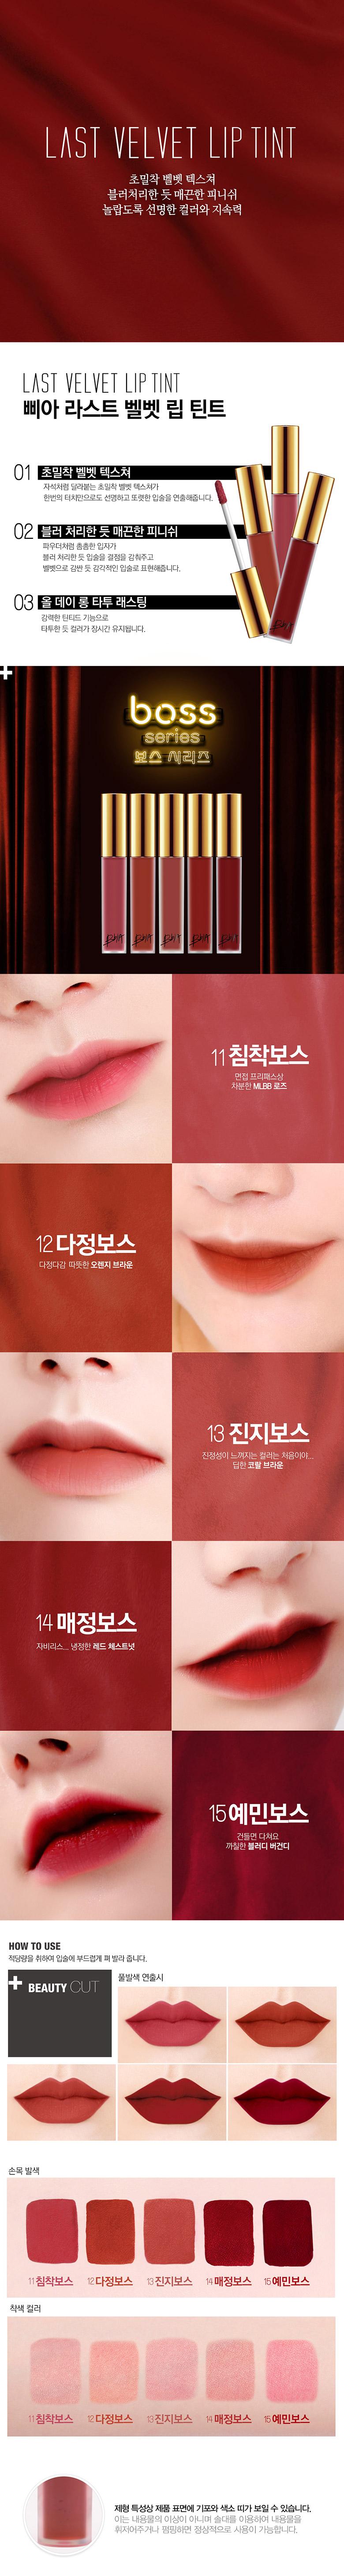 BBIA Last Velvet Lip Tint 0.17oz(5g)